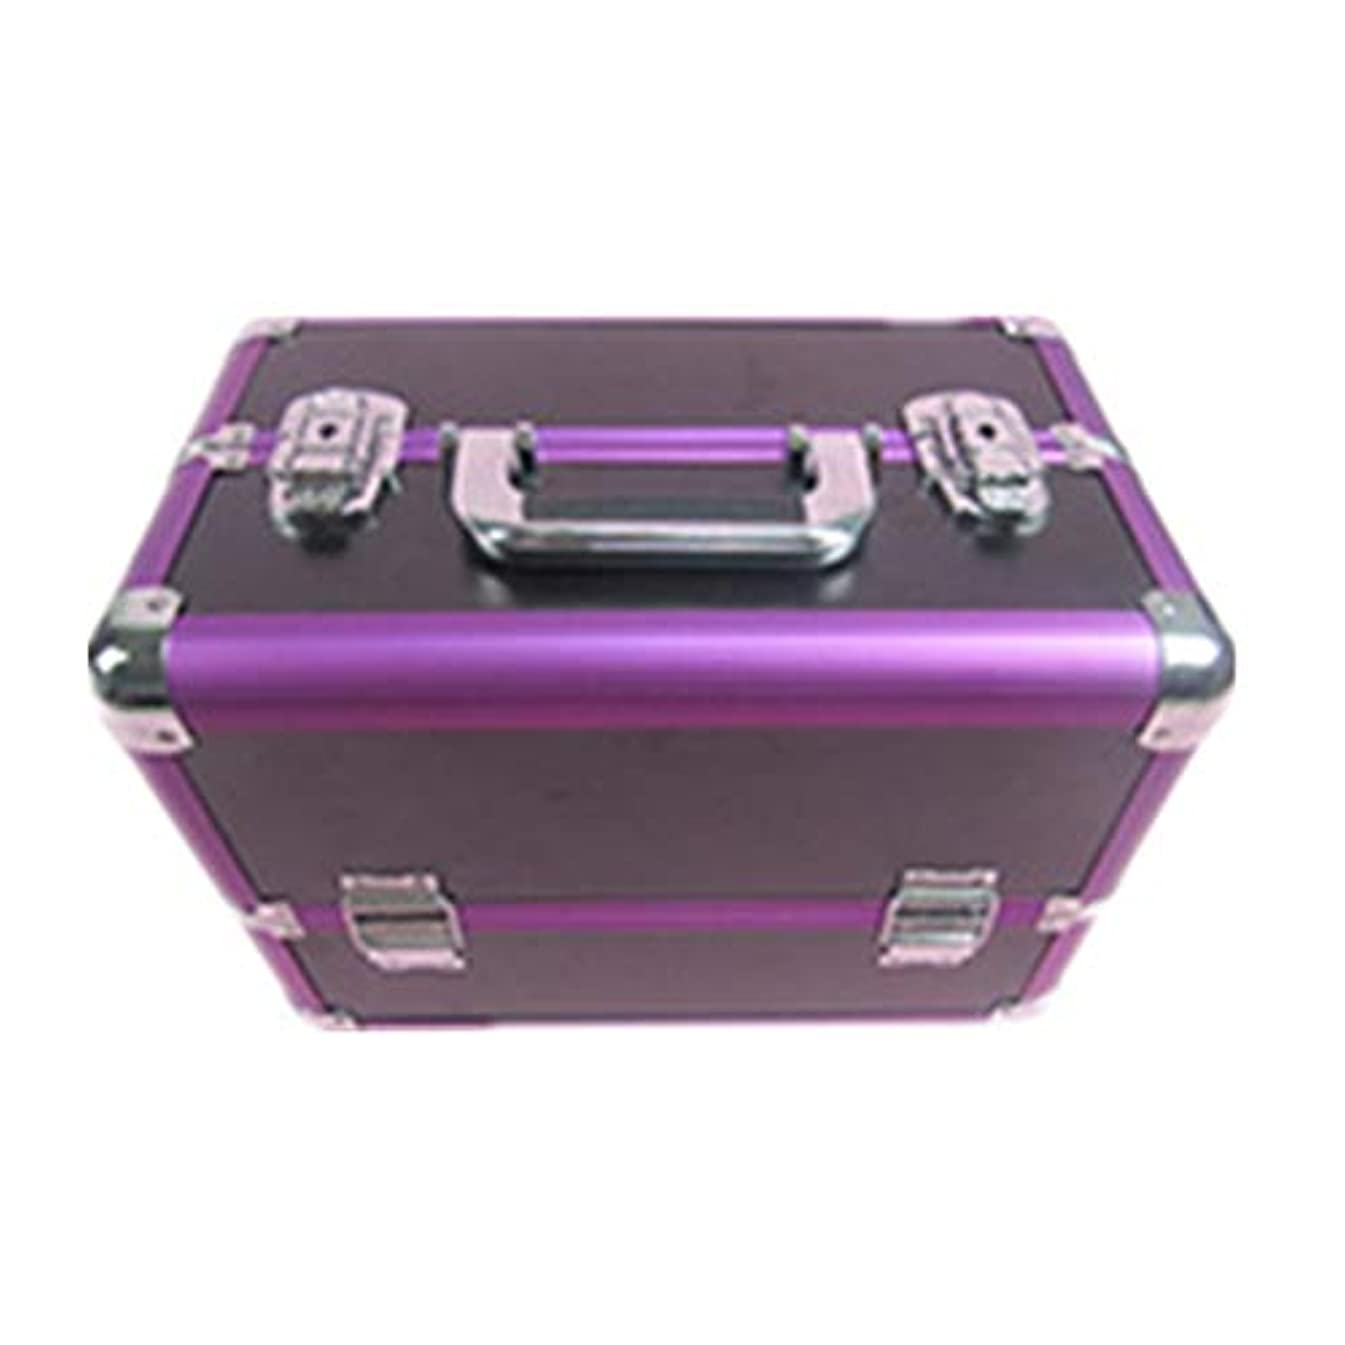 居住者素朴な心から化粧オーガナイザーバッグ 大容量ポータブル化粧ケース(トラベルアクセサリー用)シャンプーボディウォッシュパーソナルアイテム収納トレイ(エクステンショントレイ付) 化粧品ケース